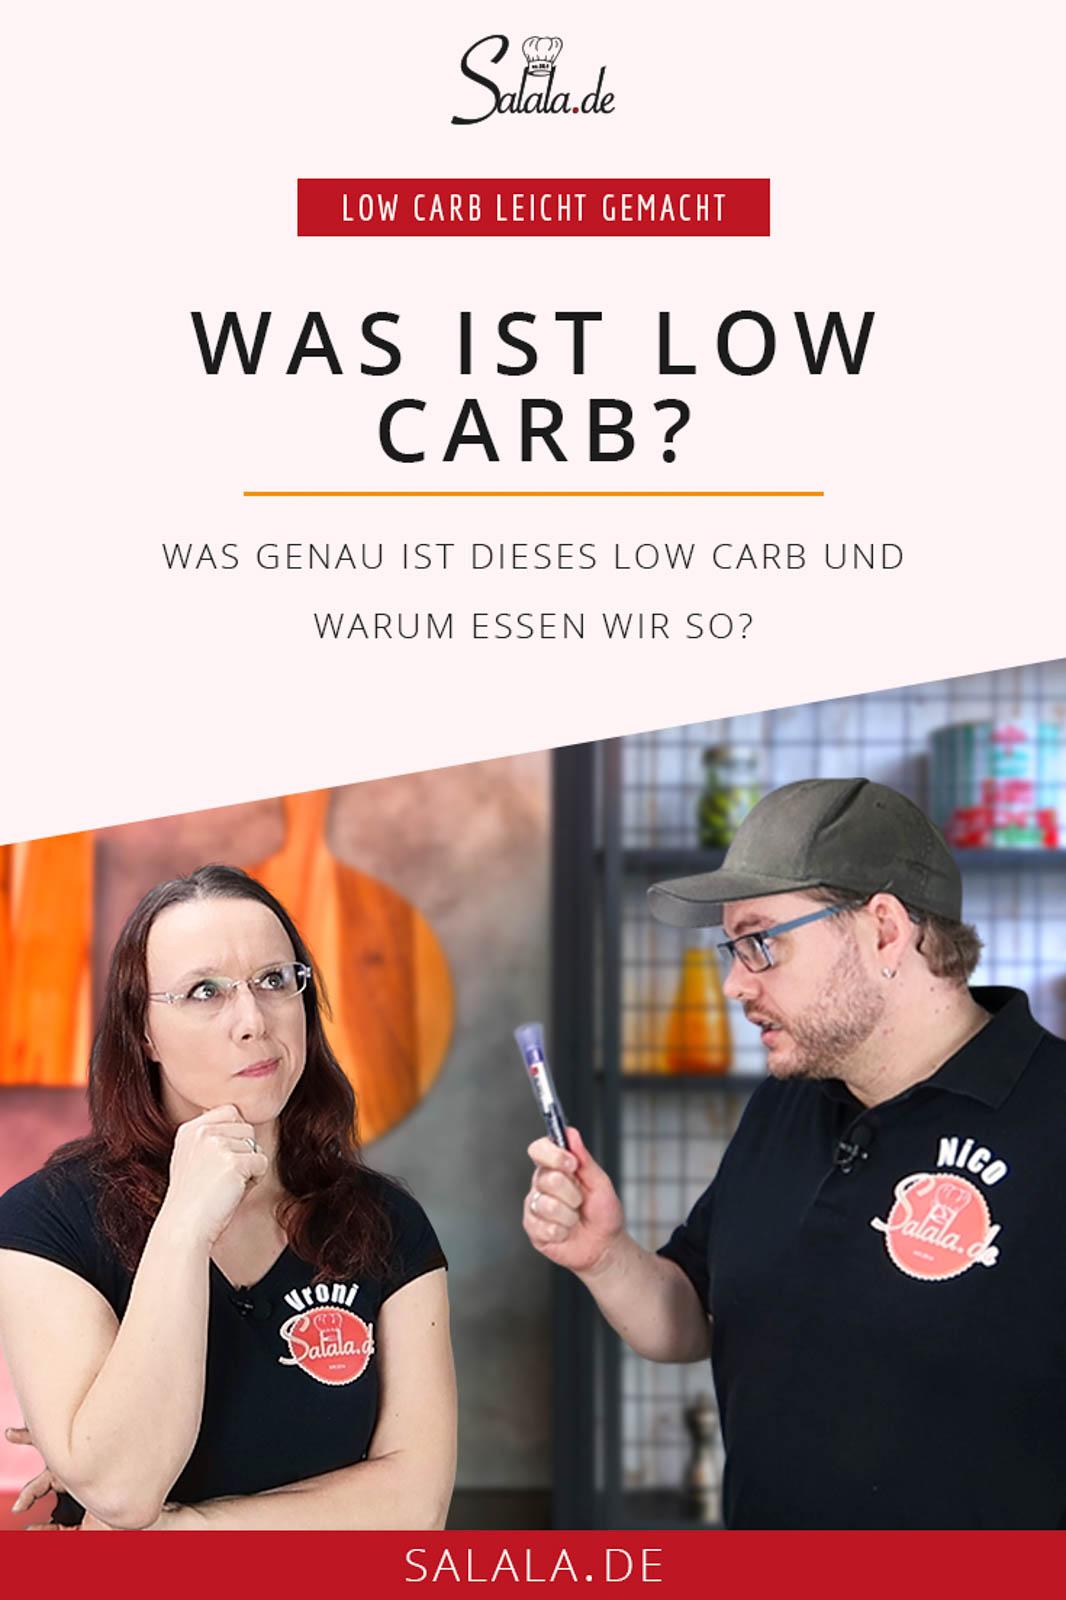 #lowcarb #wasistlowcarb #wasistlowcarbdiät #lowcarbdiät #lowcarbernährung